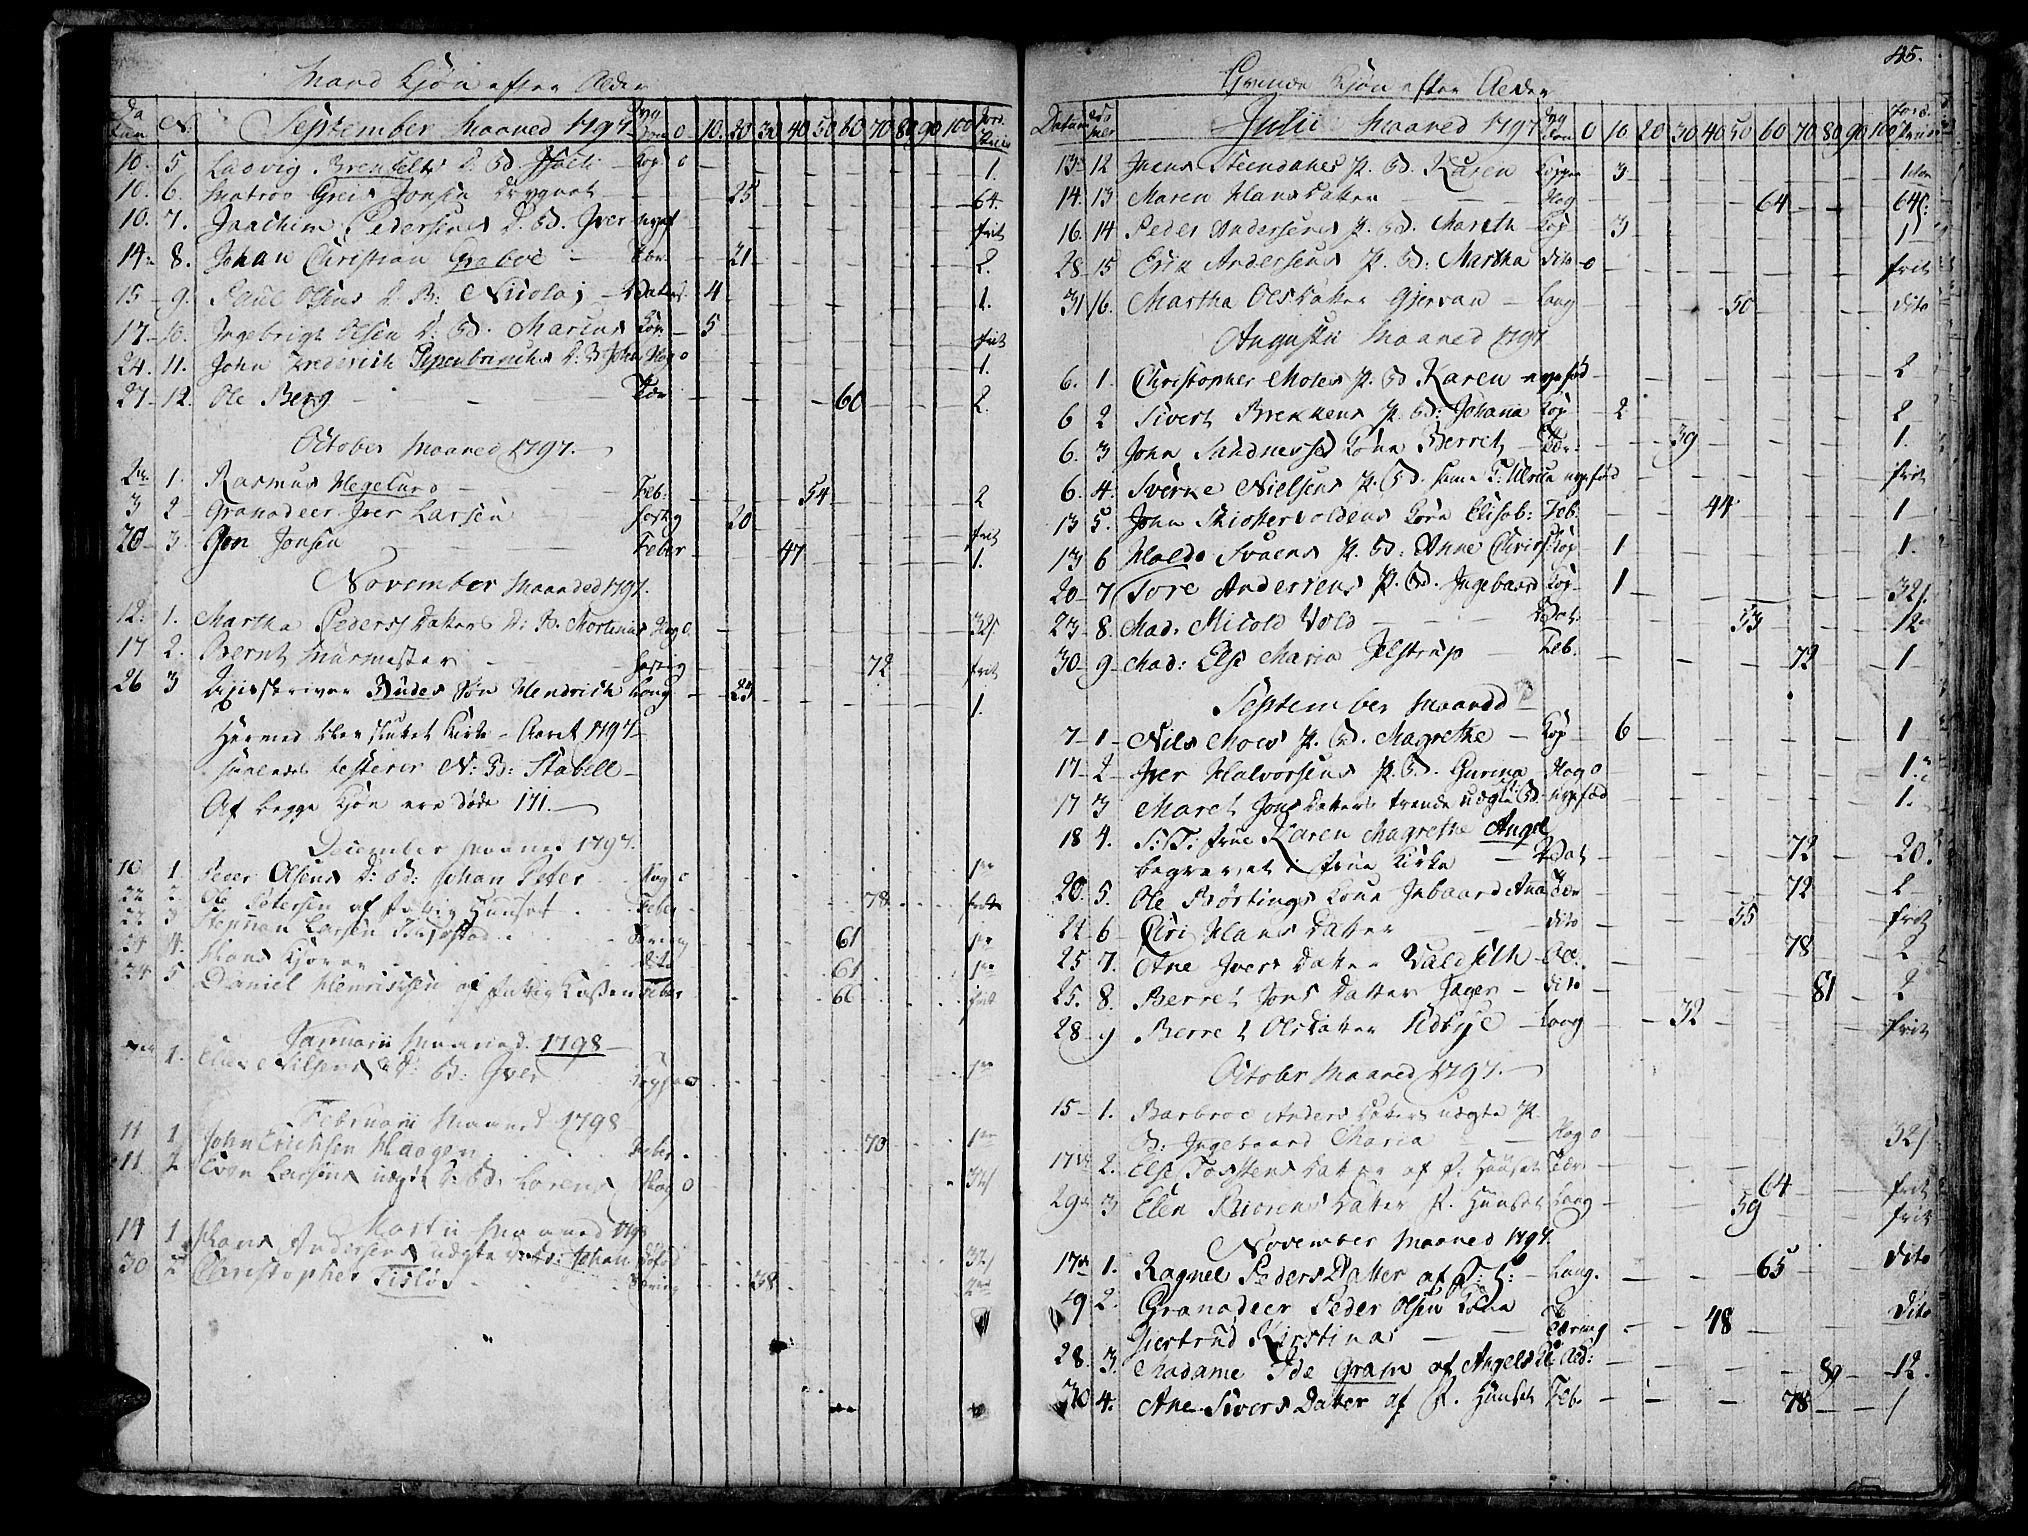 SAT, Ministerialprotokoller, klokkerbøker og fødselsregistre - Sør-Trøndelag, 601/L0040: Ministerialbok nr. 601A08, 1783-1818, s. 45